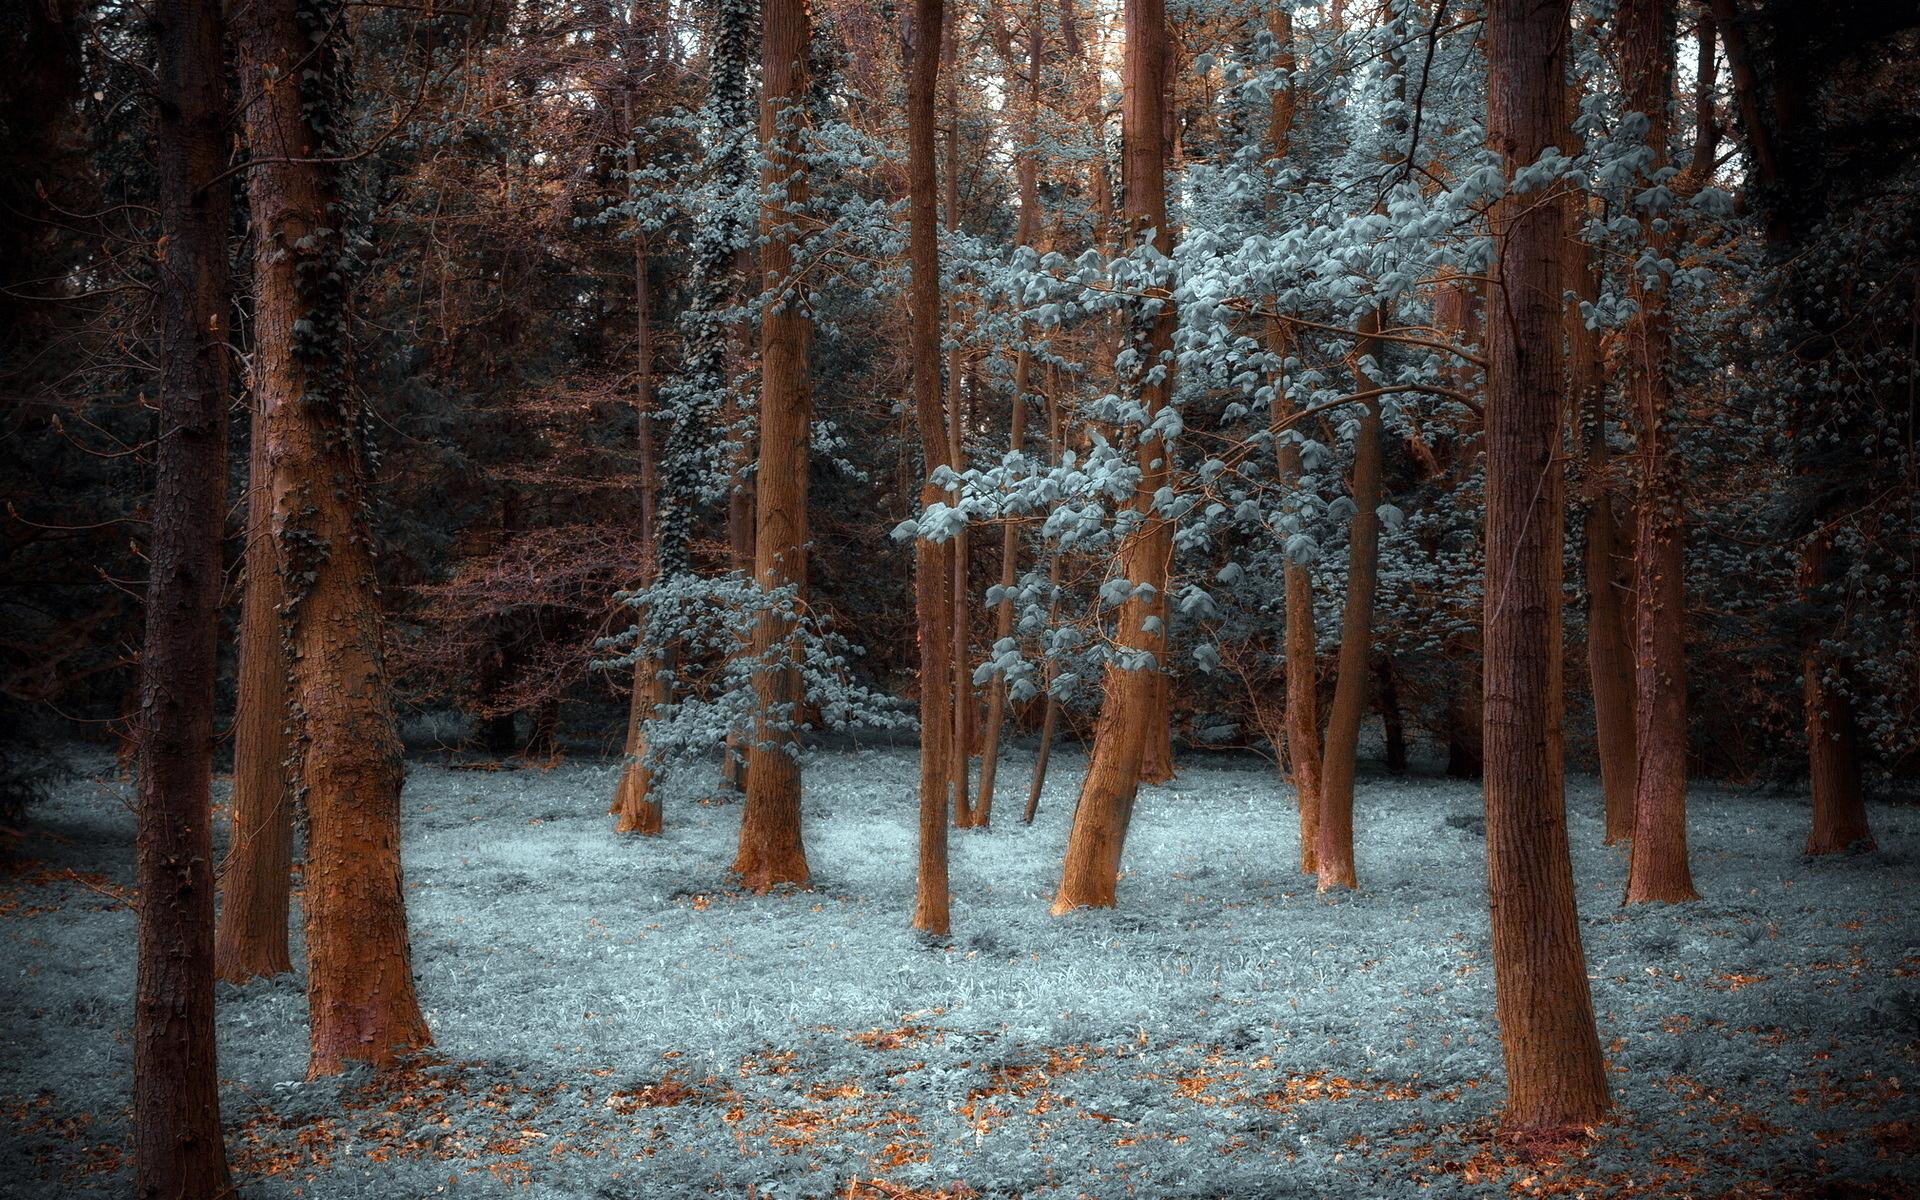 Скачать картинку Трава, Деревья, Пейзаж в телефон бесплатно.